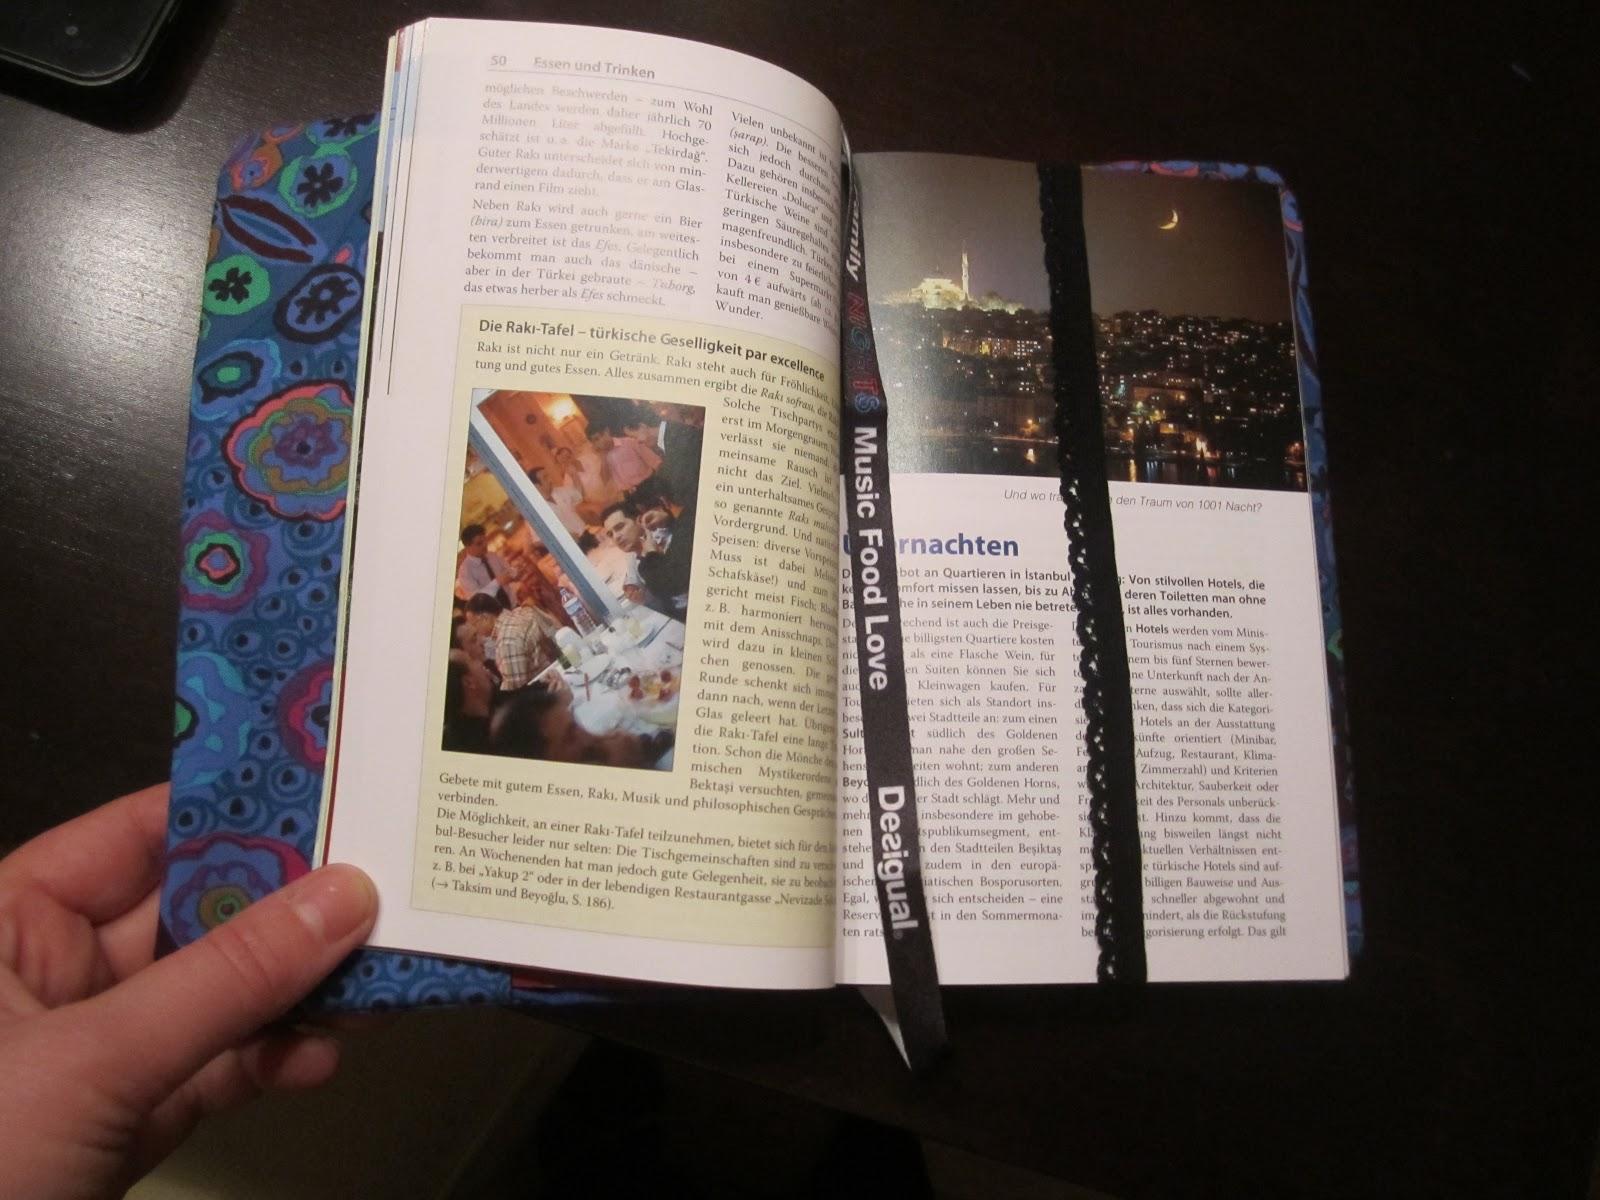 Vom Stricken und Nähen - ein Projekttagebuch: 2012